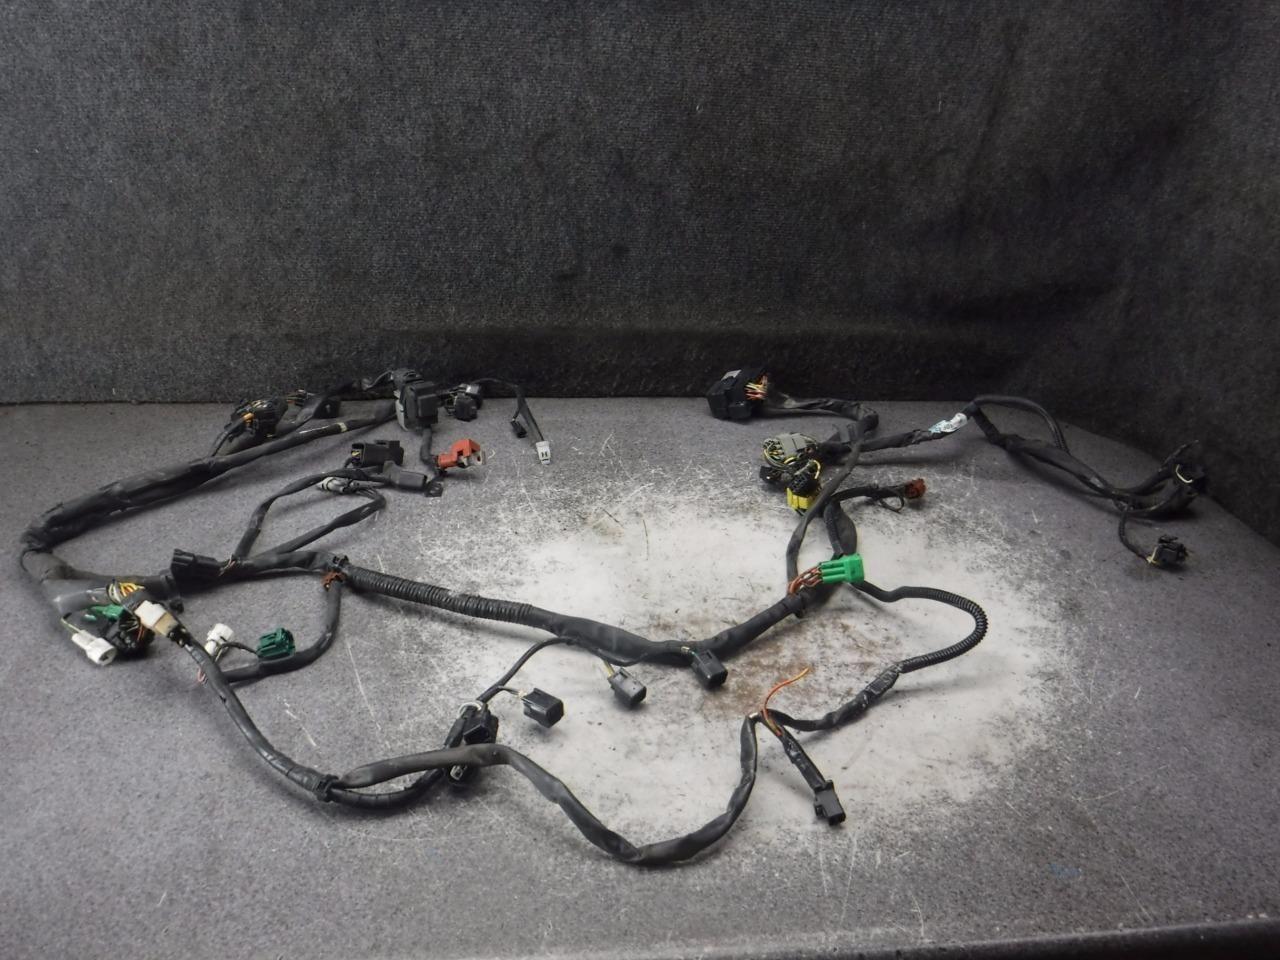 Http: motorcyclespareparts.net 02 suzuki gsxr gsx r 750 wire